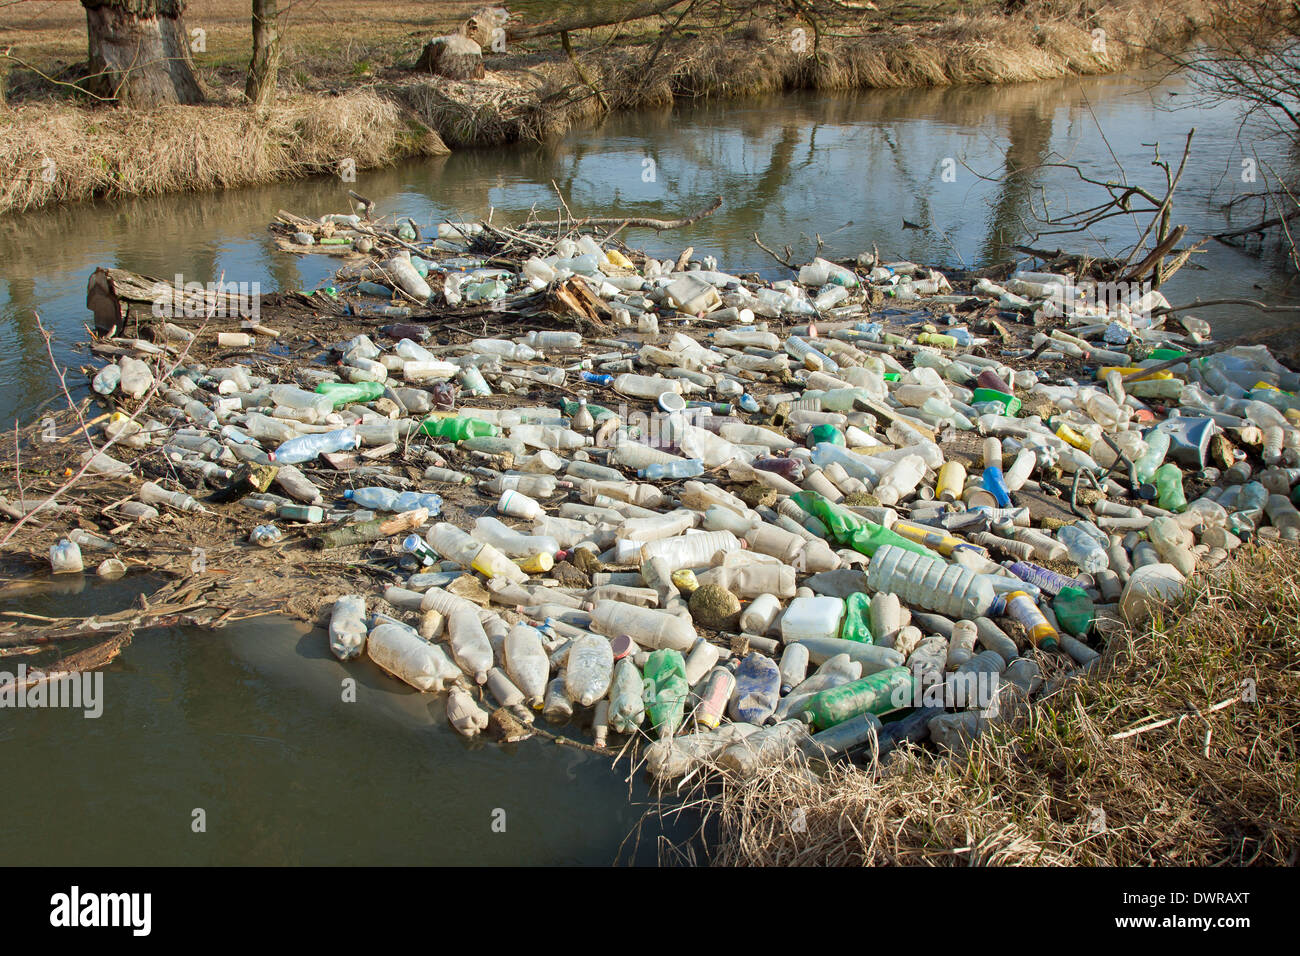 La contaminación ambiental. Plástico, vidrio y residuos metálicos en Río a principios de la Imagen De Stock